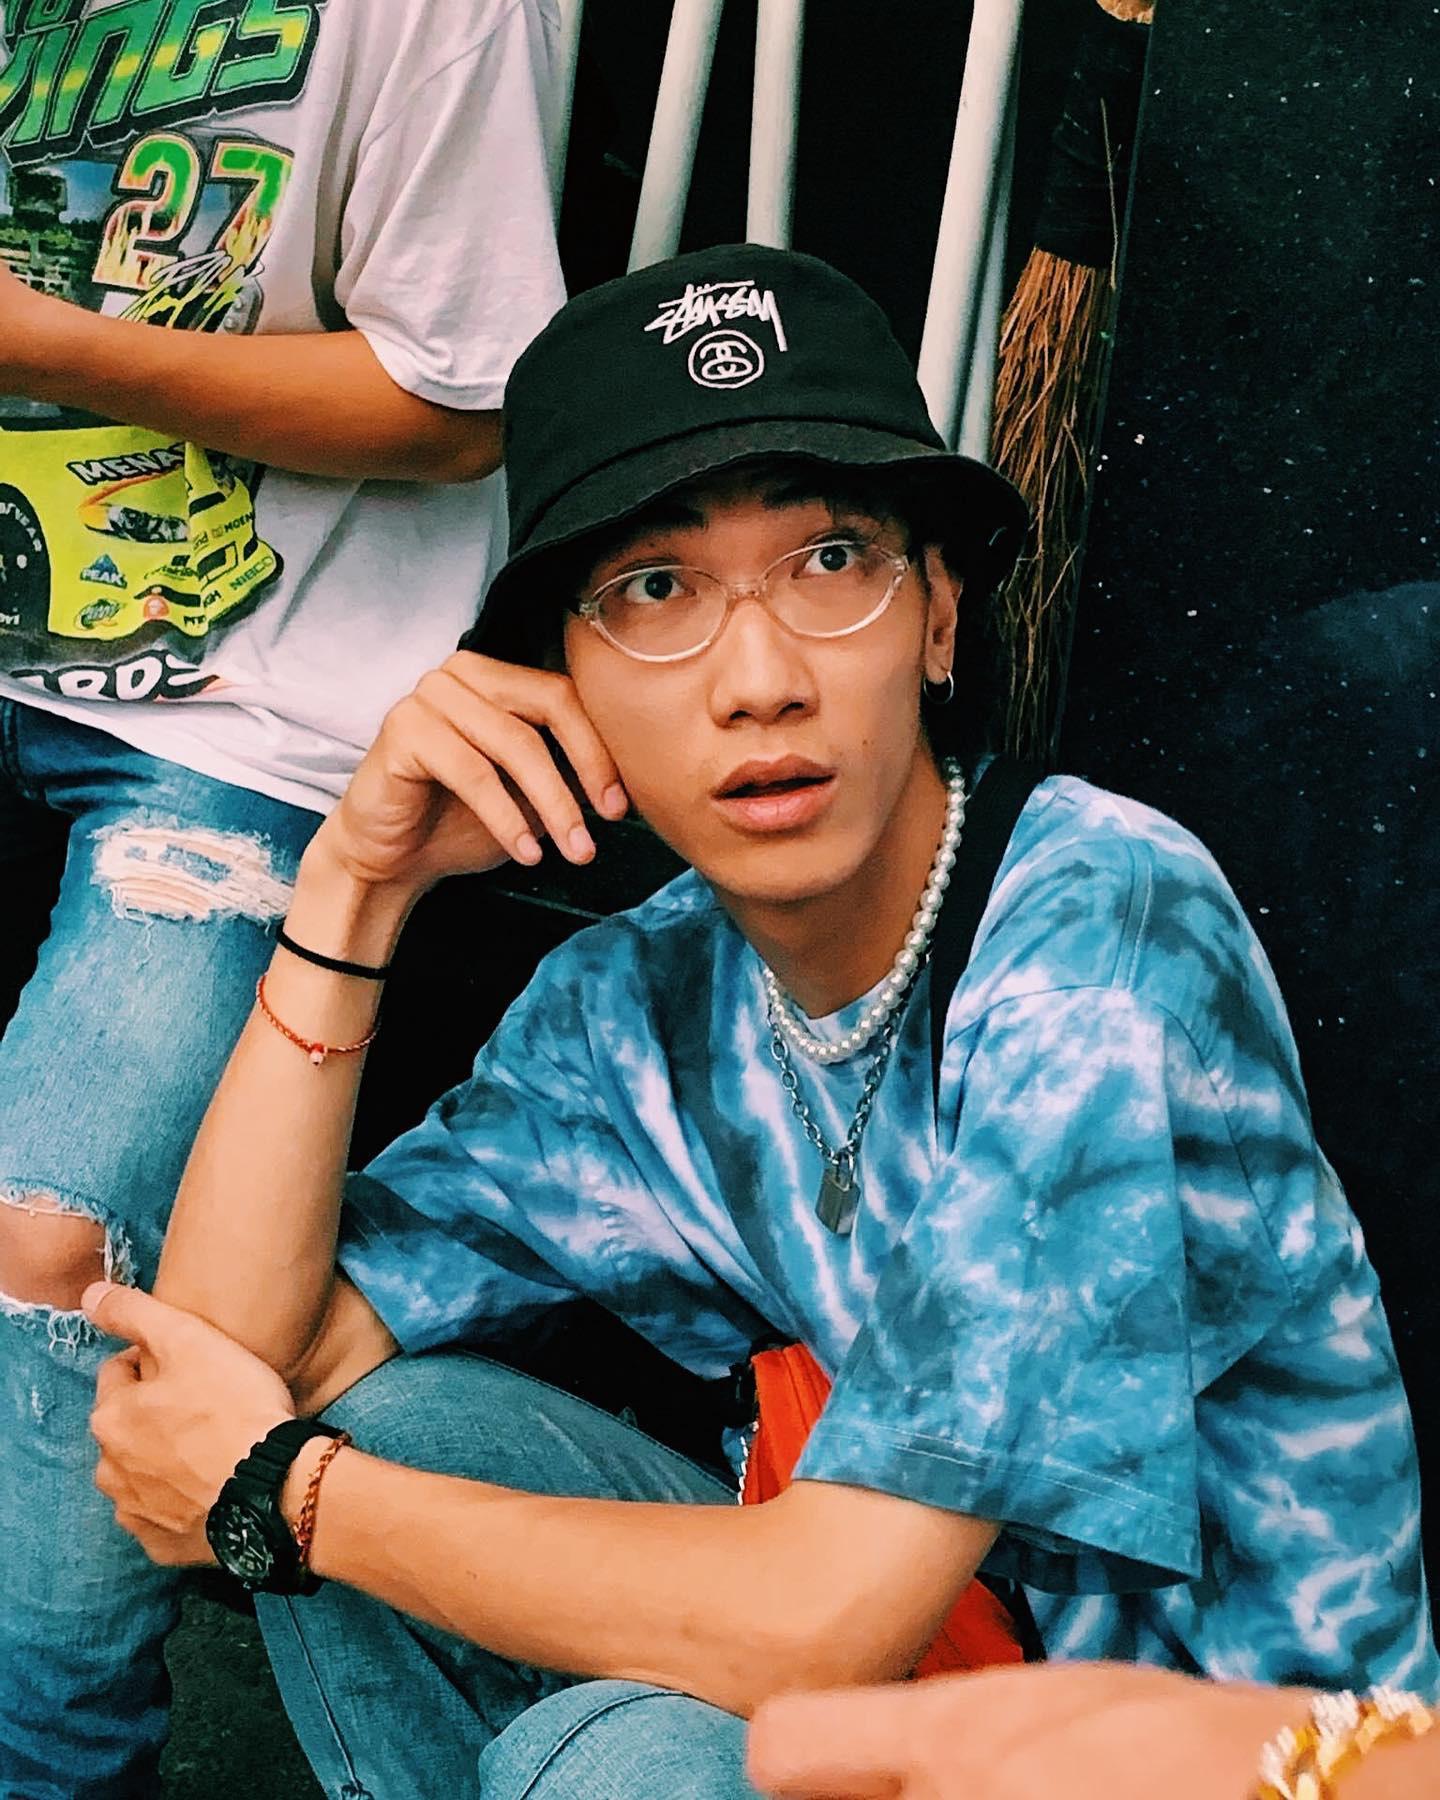 Học trò Binz phát ngôn nhạy cảm trên mạng xã hội, bị anti-fan dọa nạt trước thềm chung kết Rap Việt - Ảnh 2.